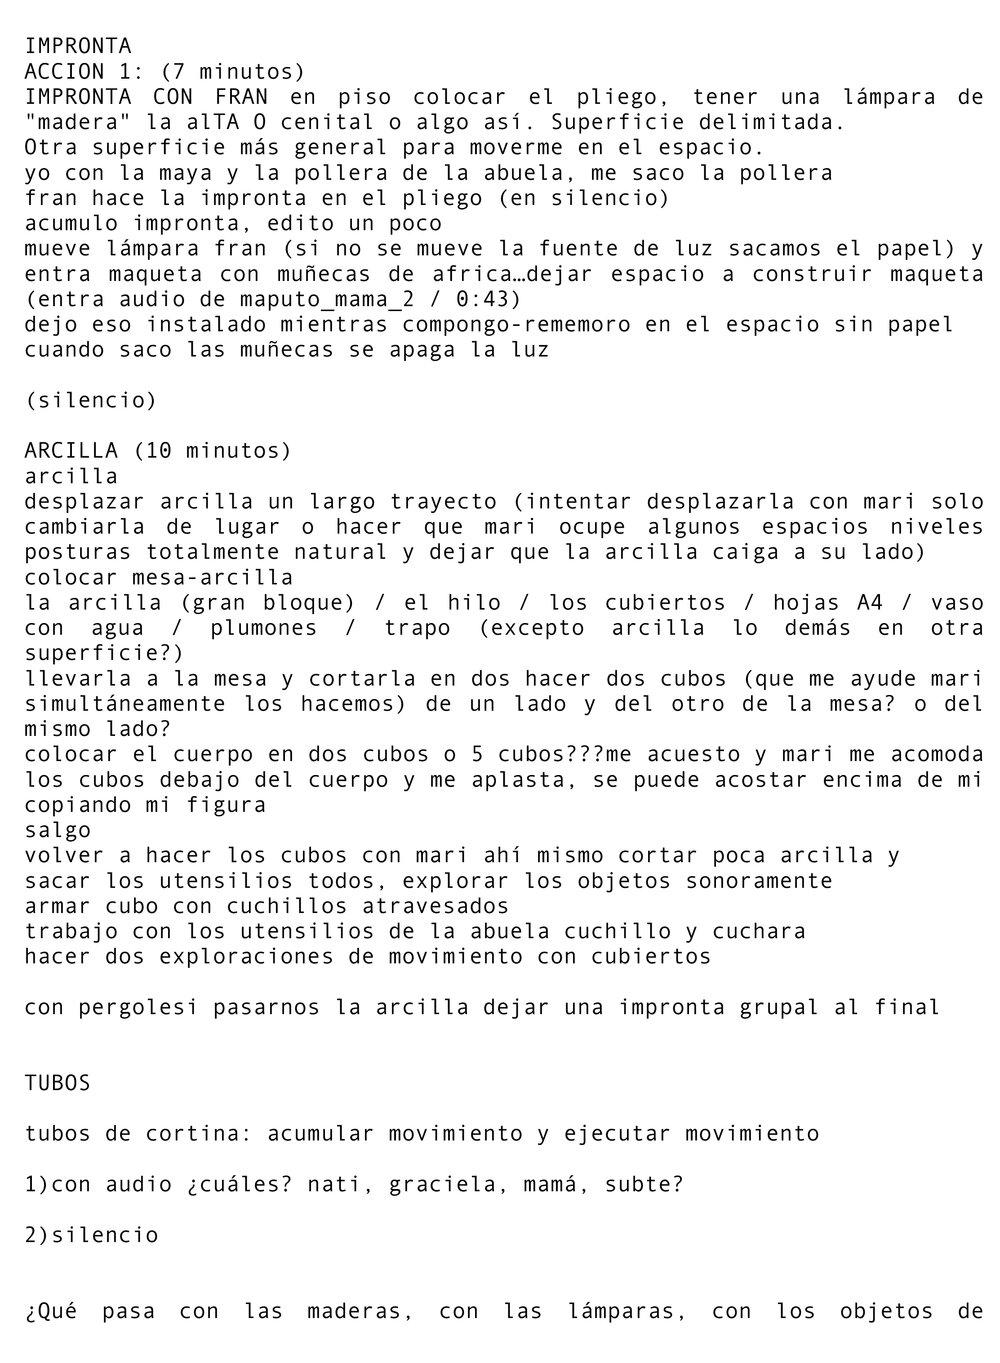 DIARIO_ARGENTINA-18.jpg